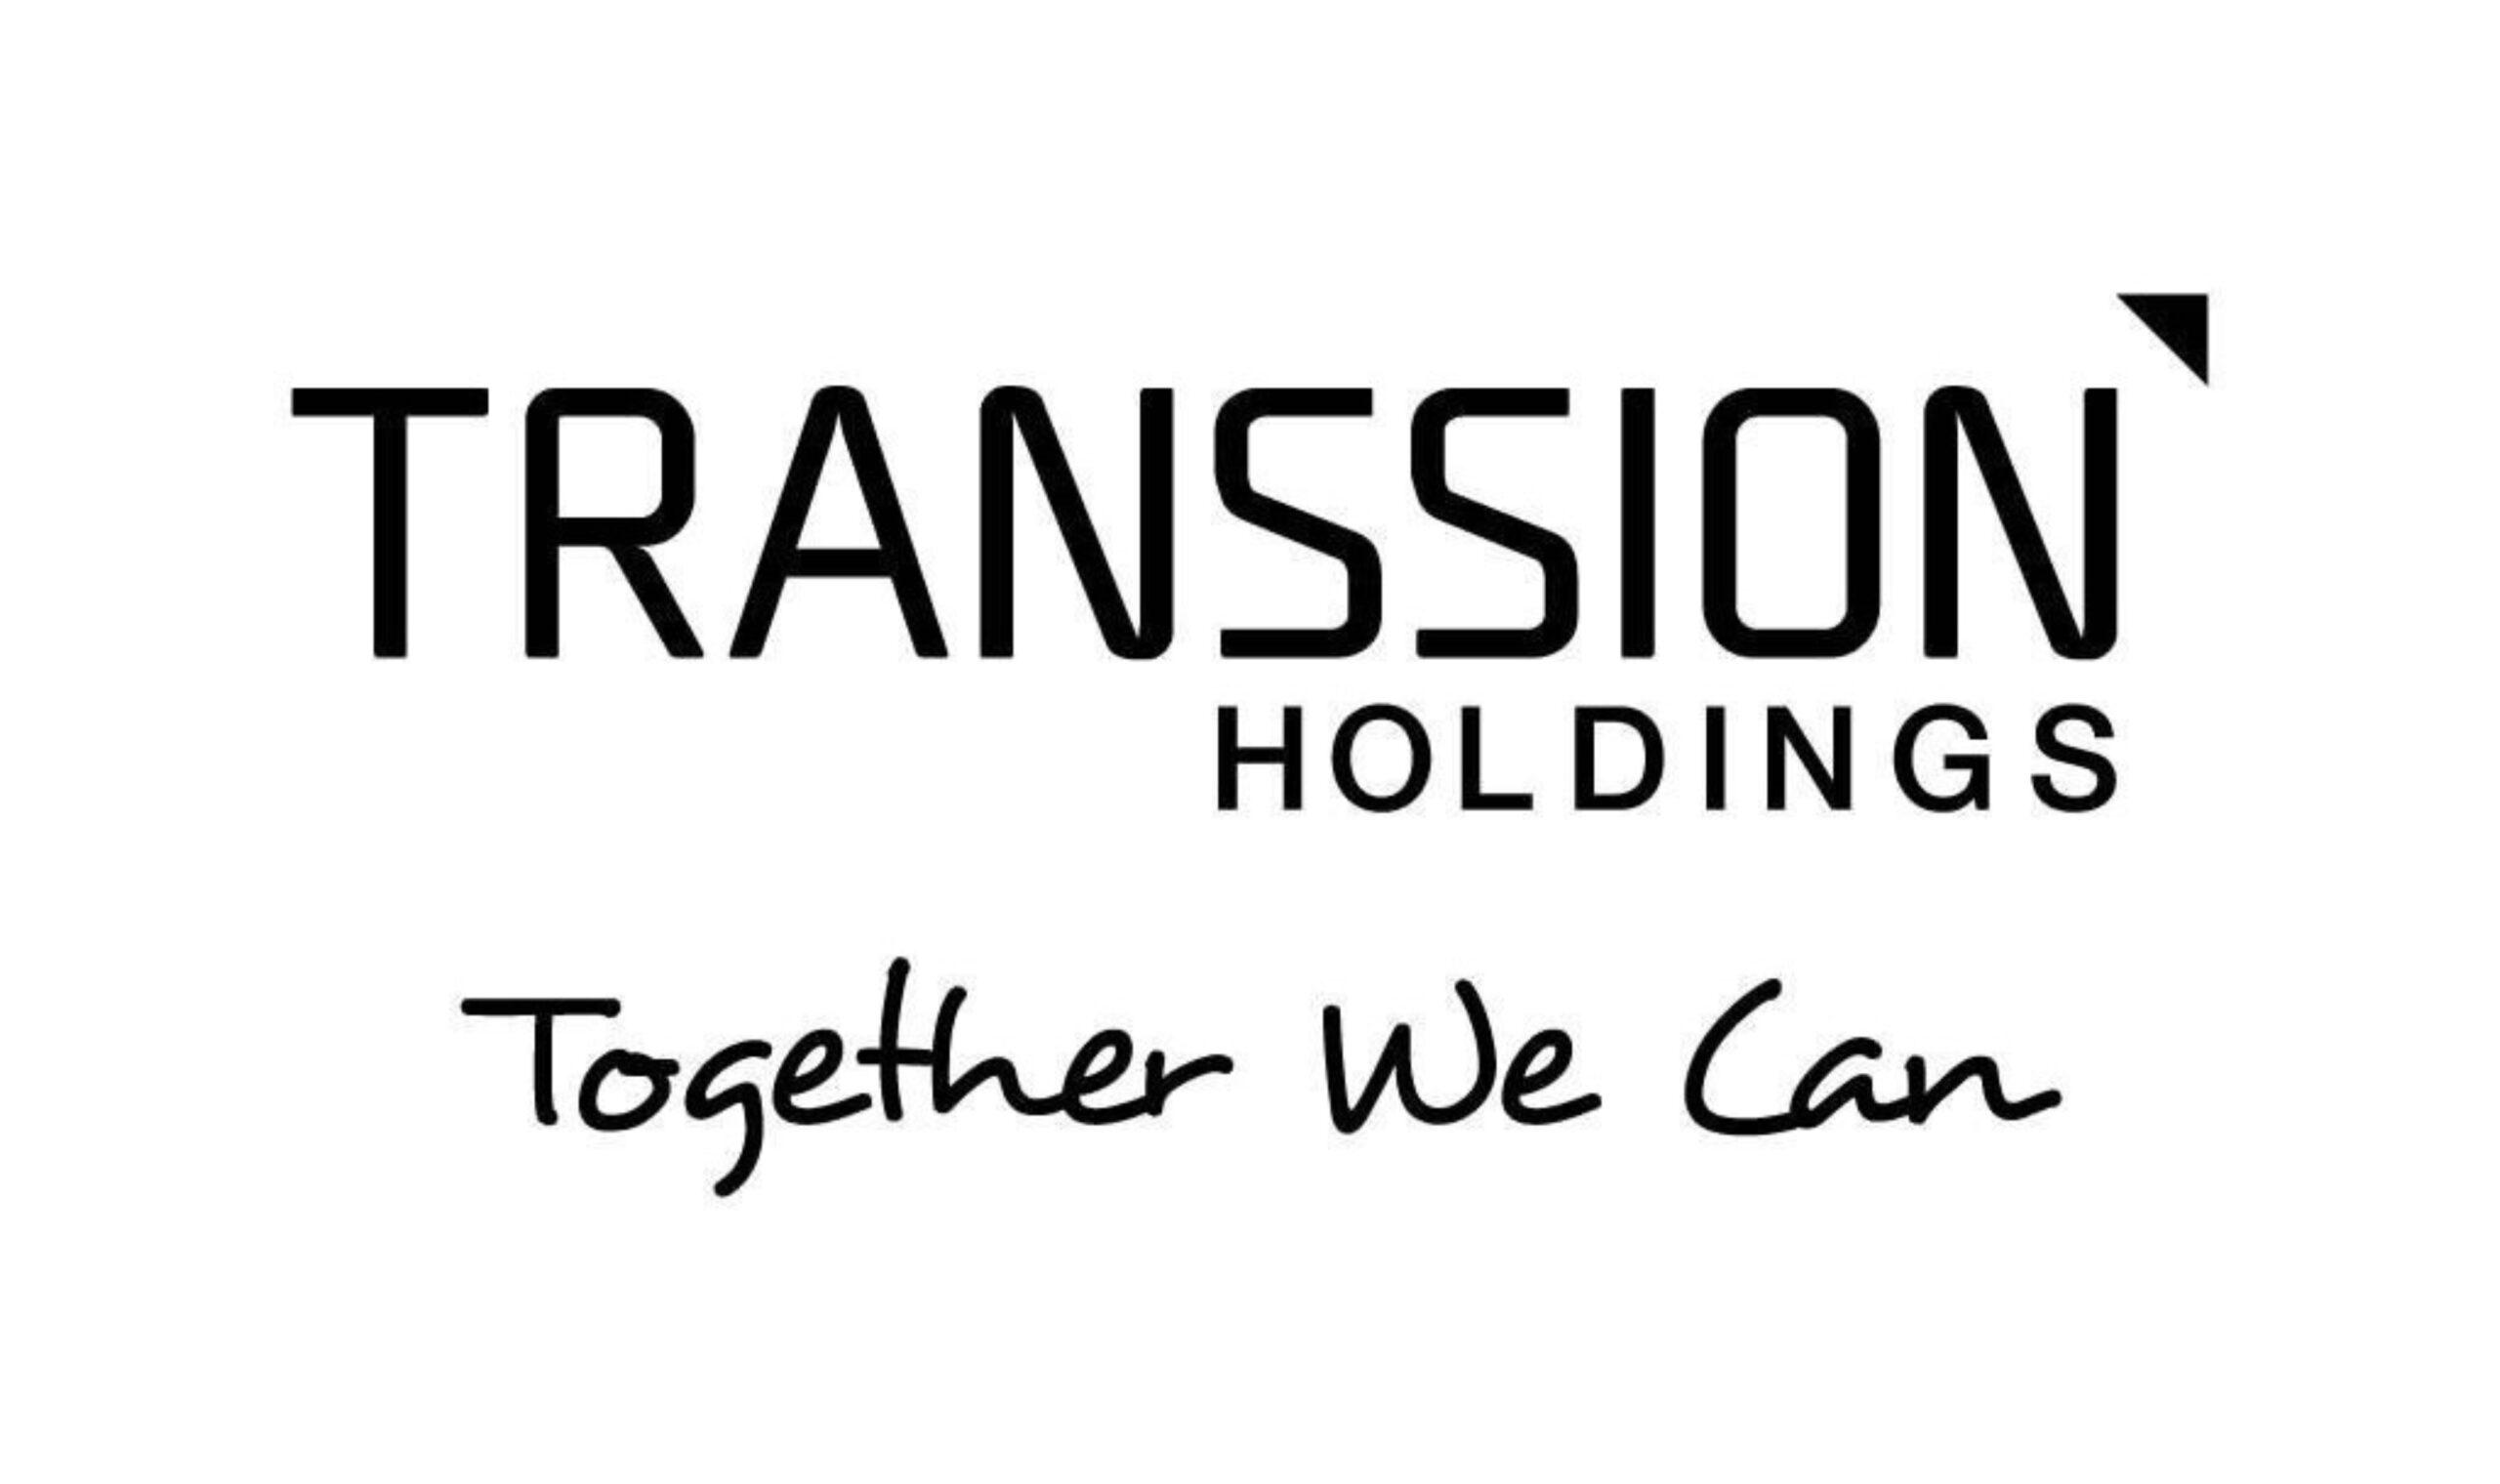 Чистая прибыль Transsion Holdings выросла почти на 60% в первом полугодии 2021 года